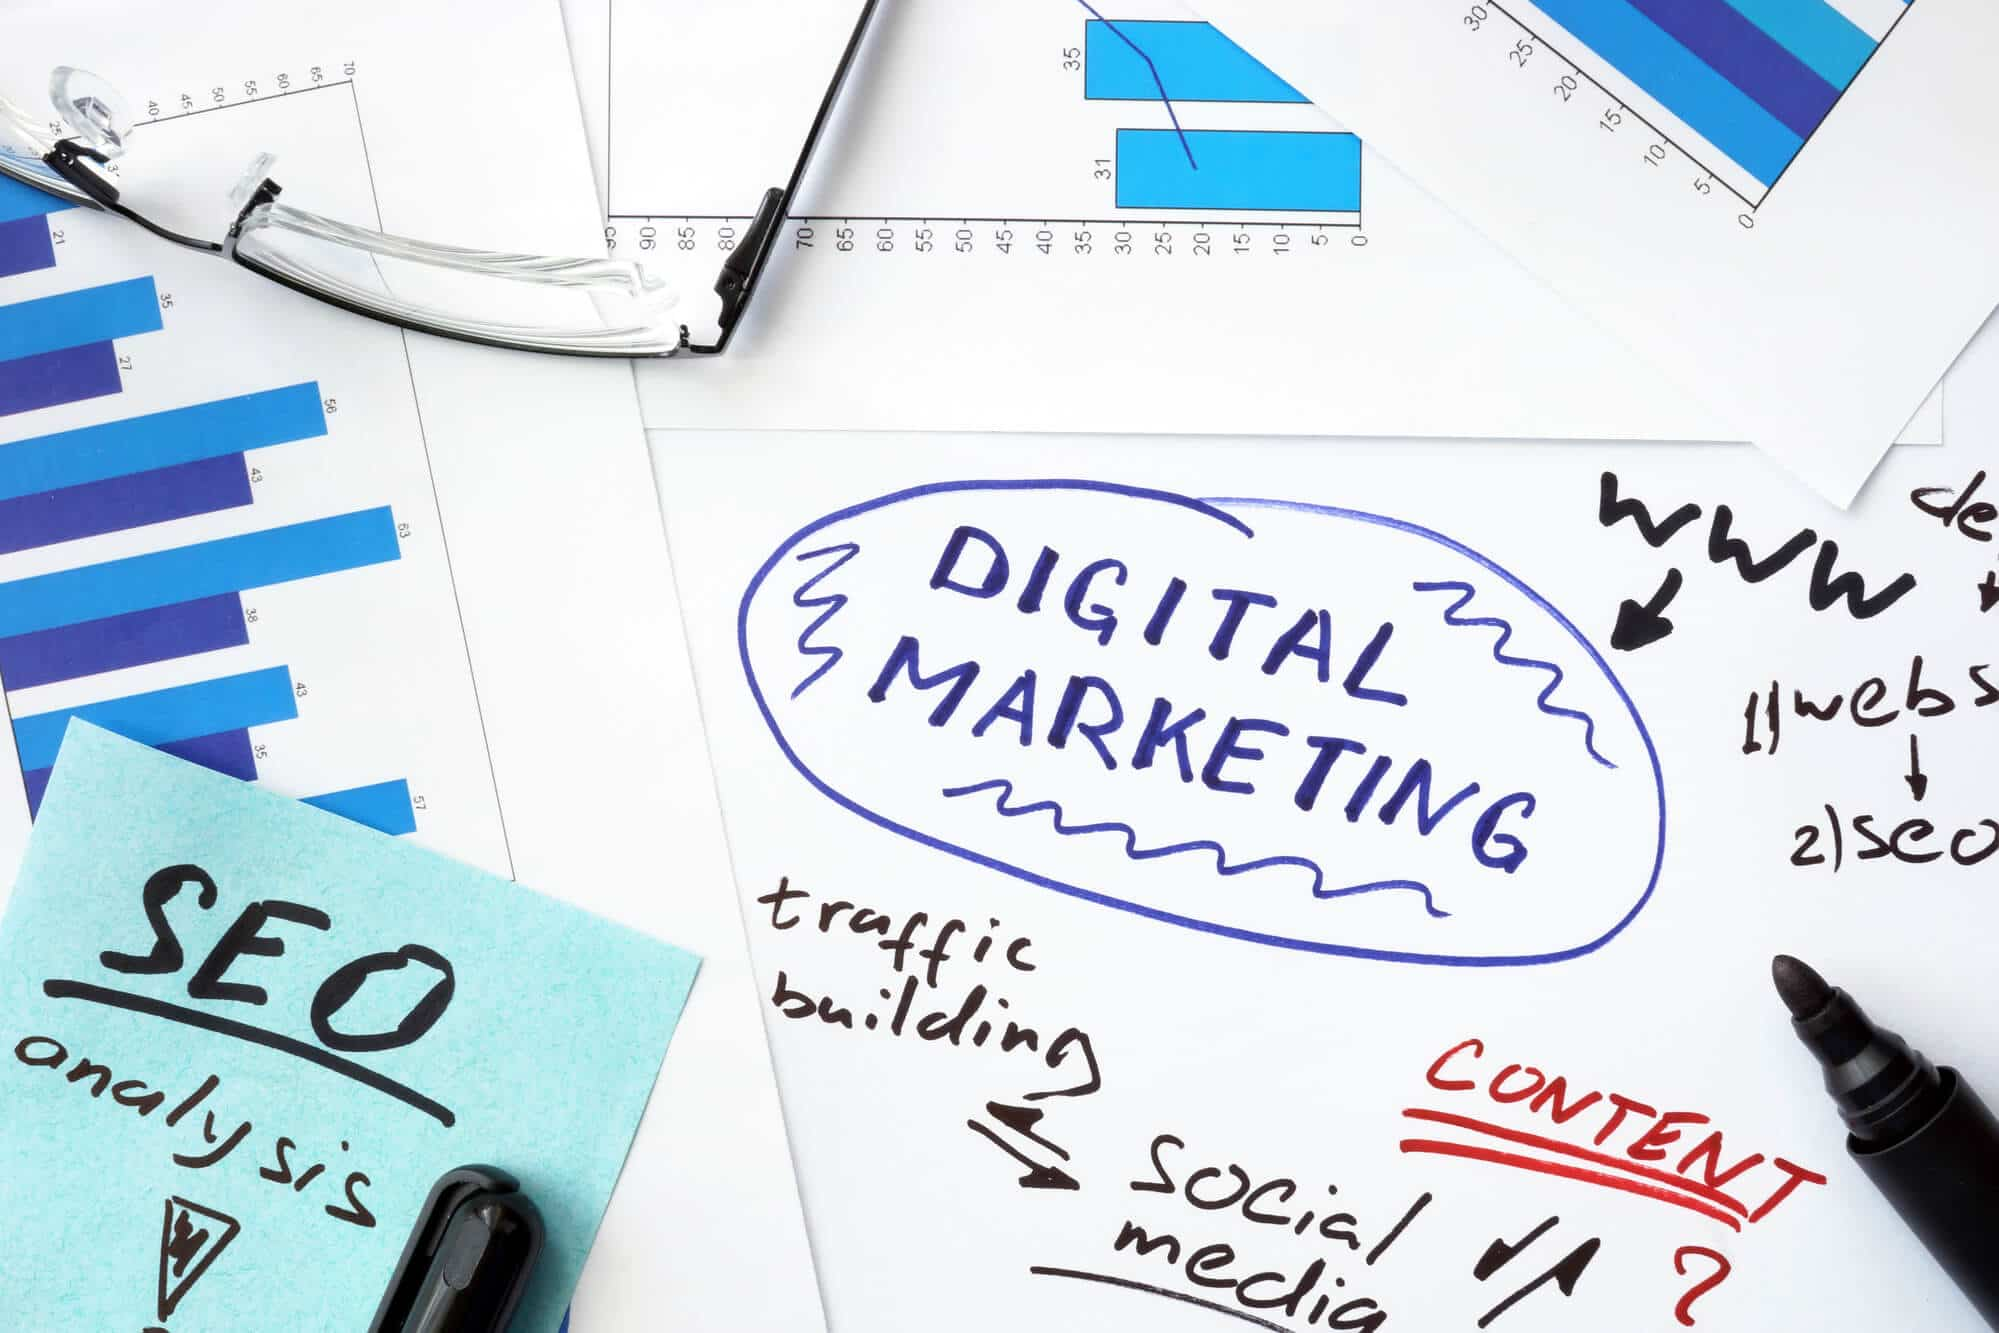 Web Design & Digital Marketing in Hammond - Big Easy SEO